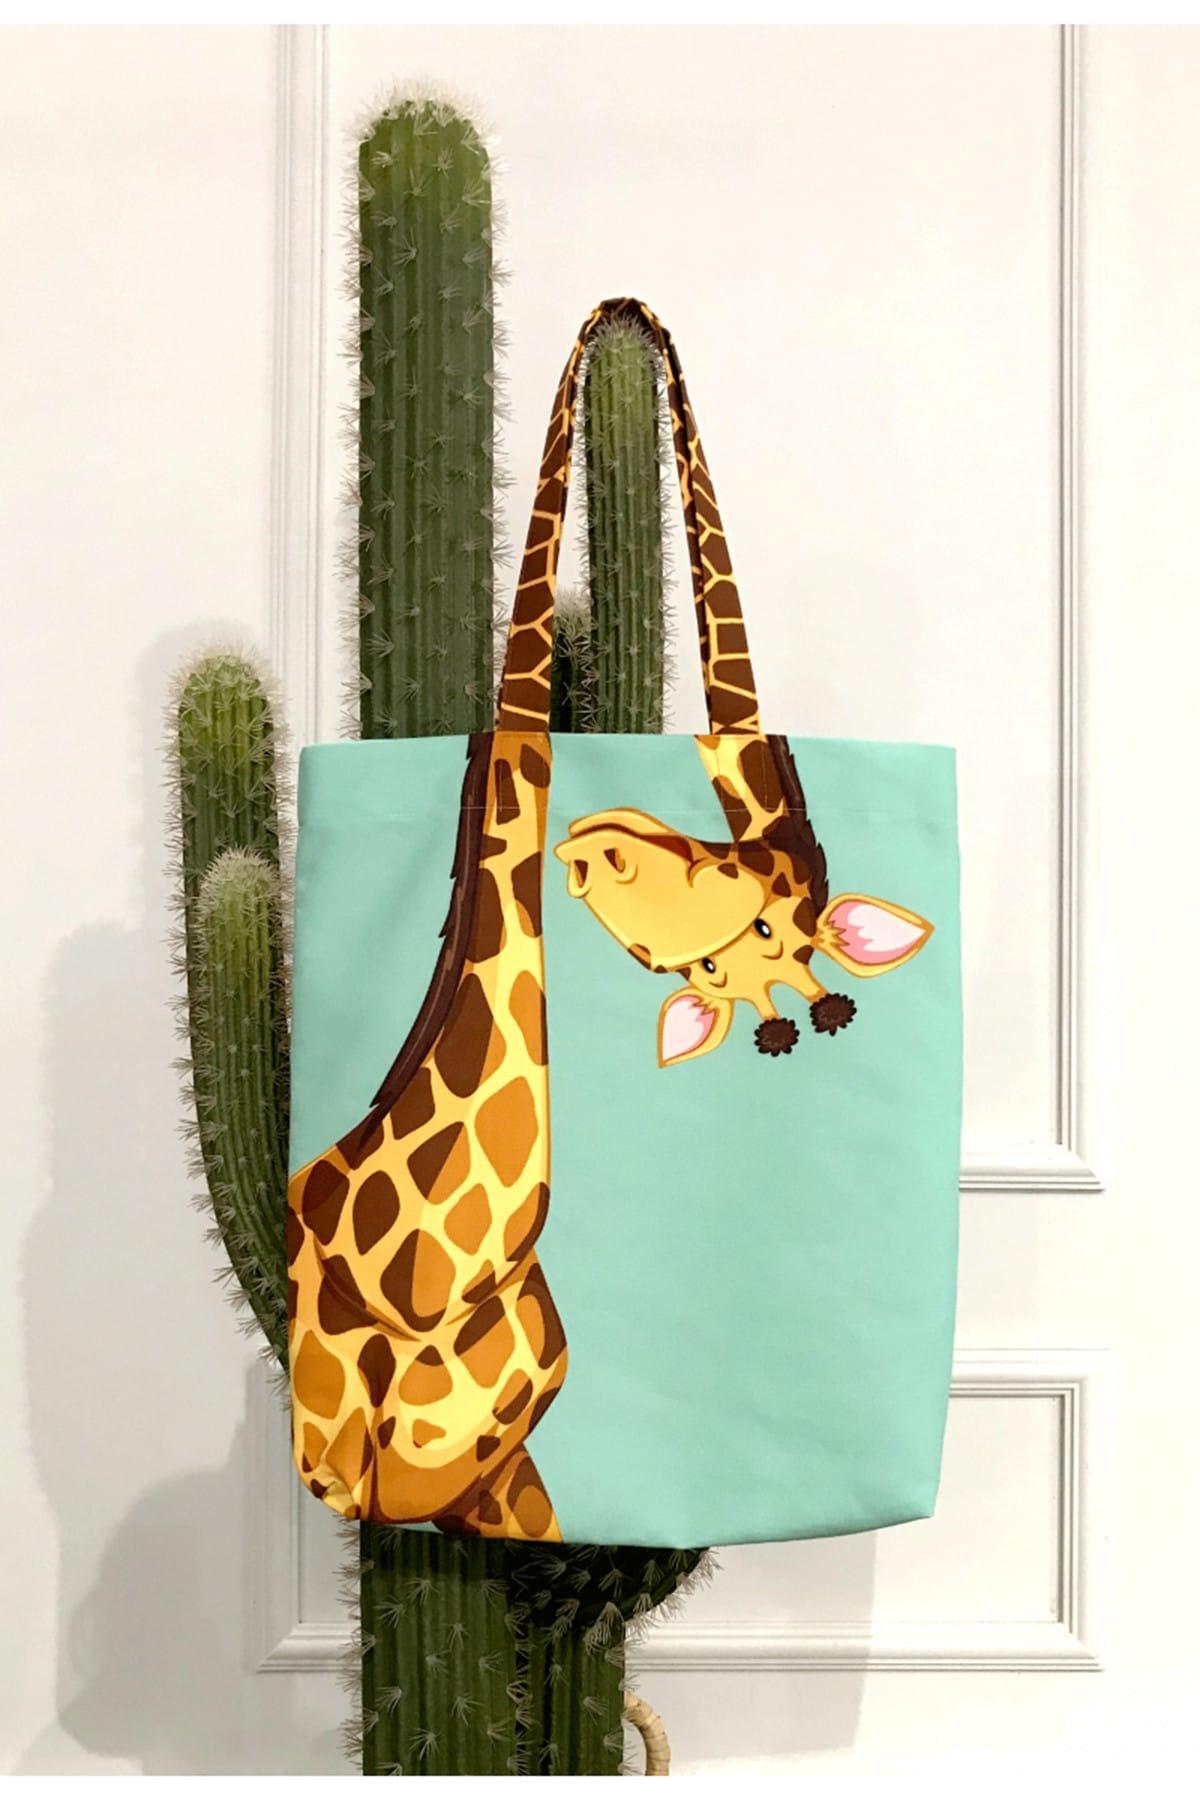 Фото - Пляжные сумки с узором для женщин, вместительные универсальные дорожные чемоданчики на плечо, повседневные роскошные дизайнерские модные ... роскошные пляжные отели